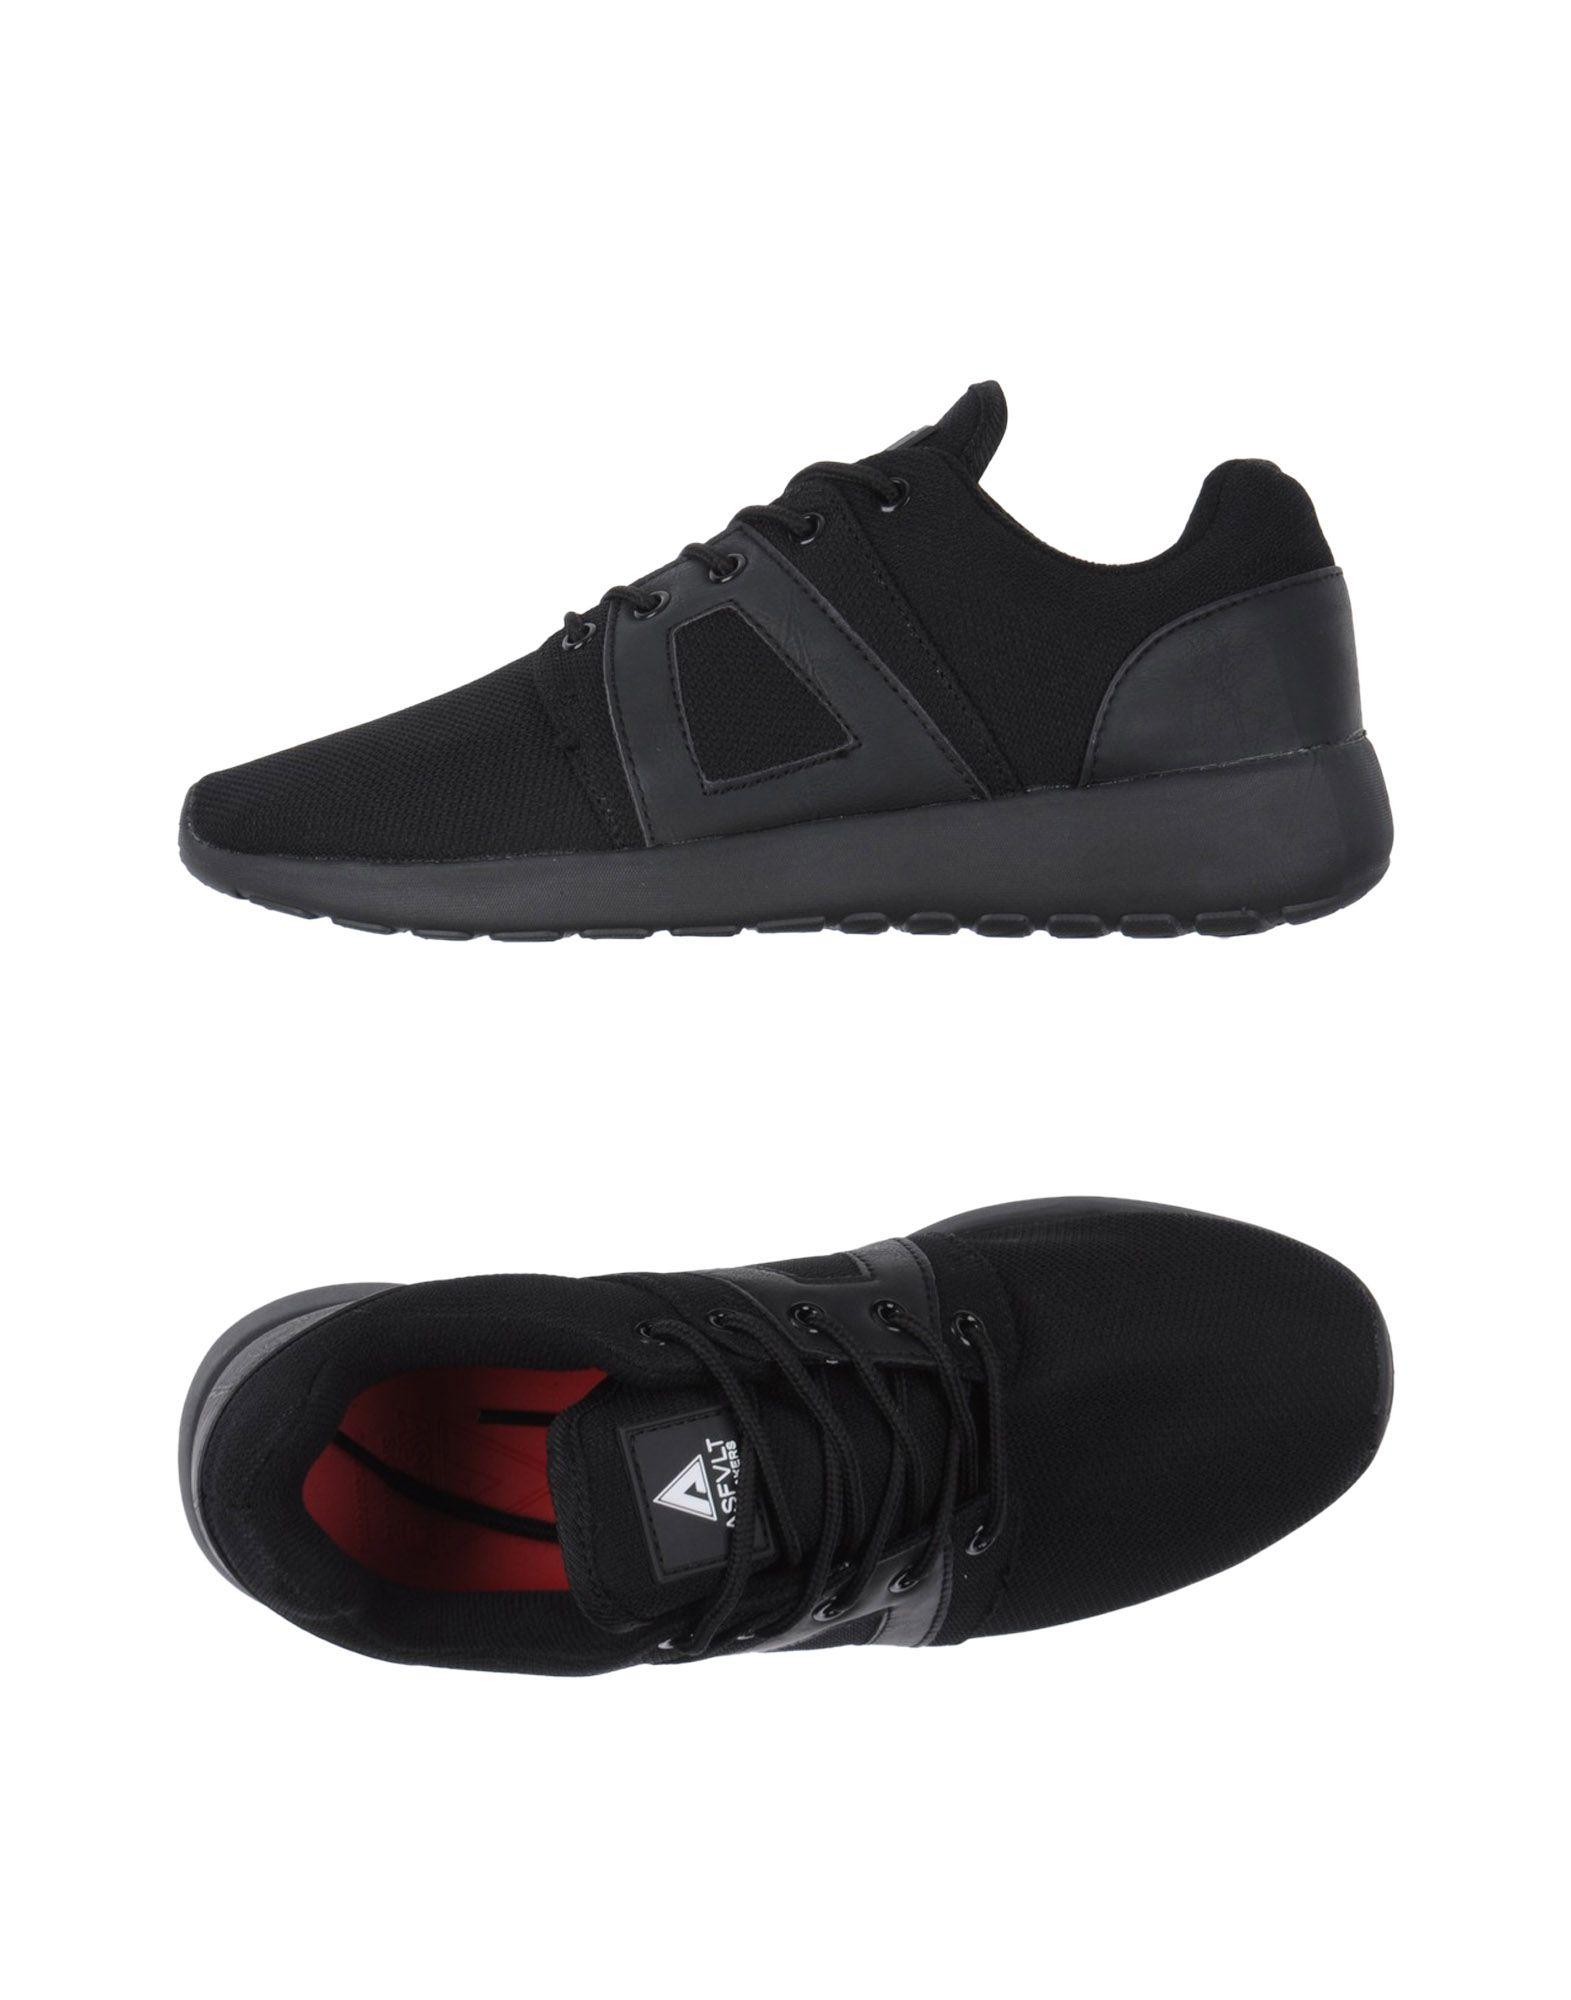 Herren Asfvlt Sneakers Herren   11160739JE Heiße Schuhe 0825d0